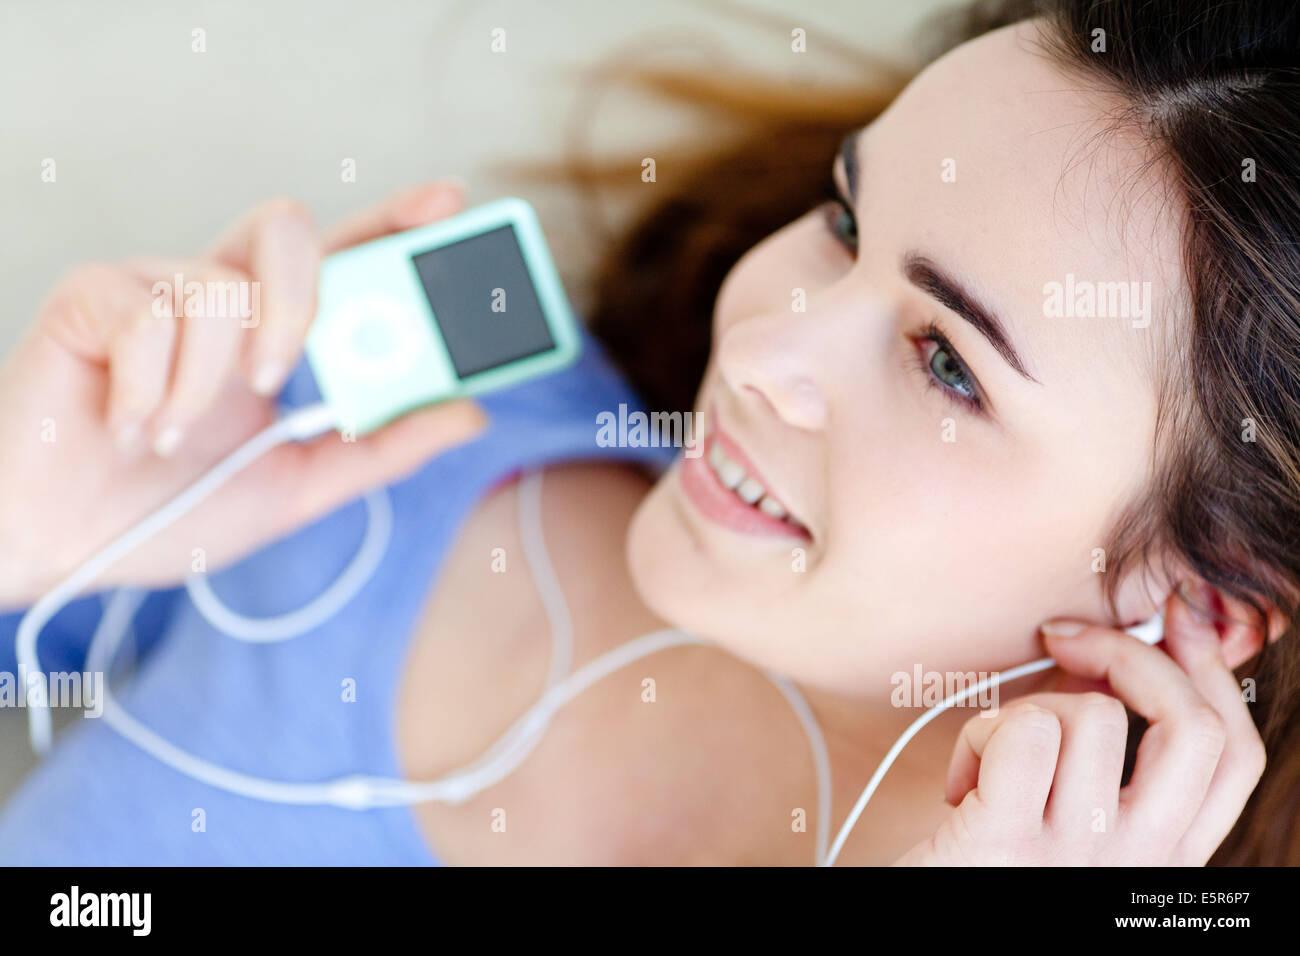 Femme à l'écoute de la musique sur un lecteur MP3 Ipod. Photo Stock